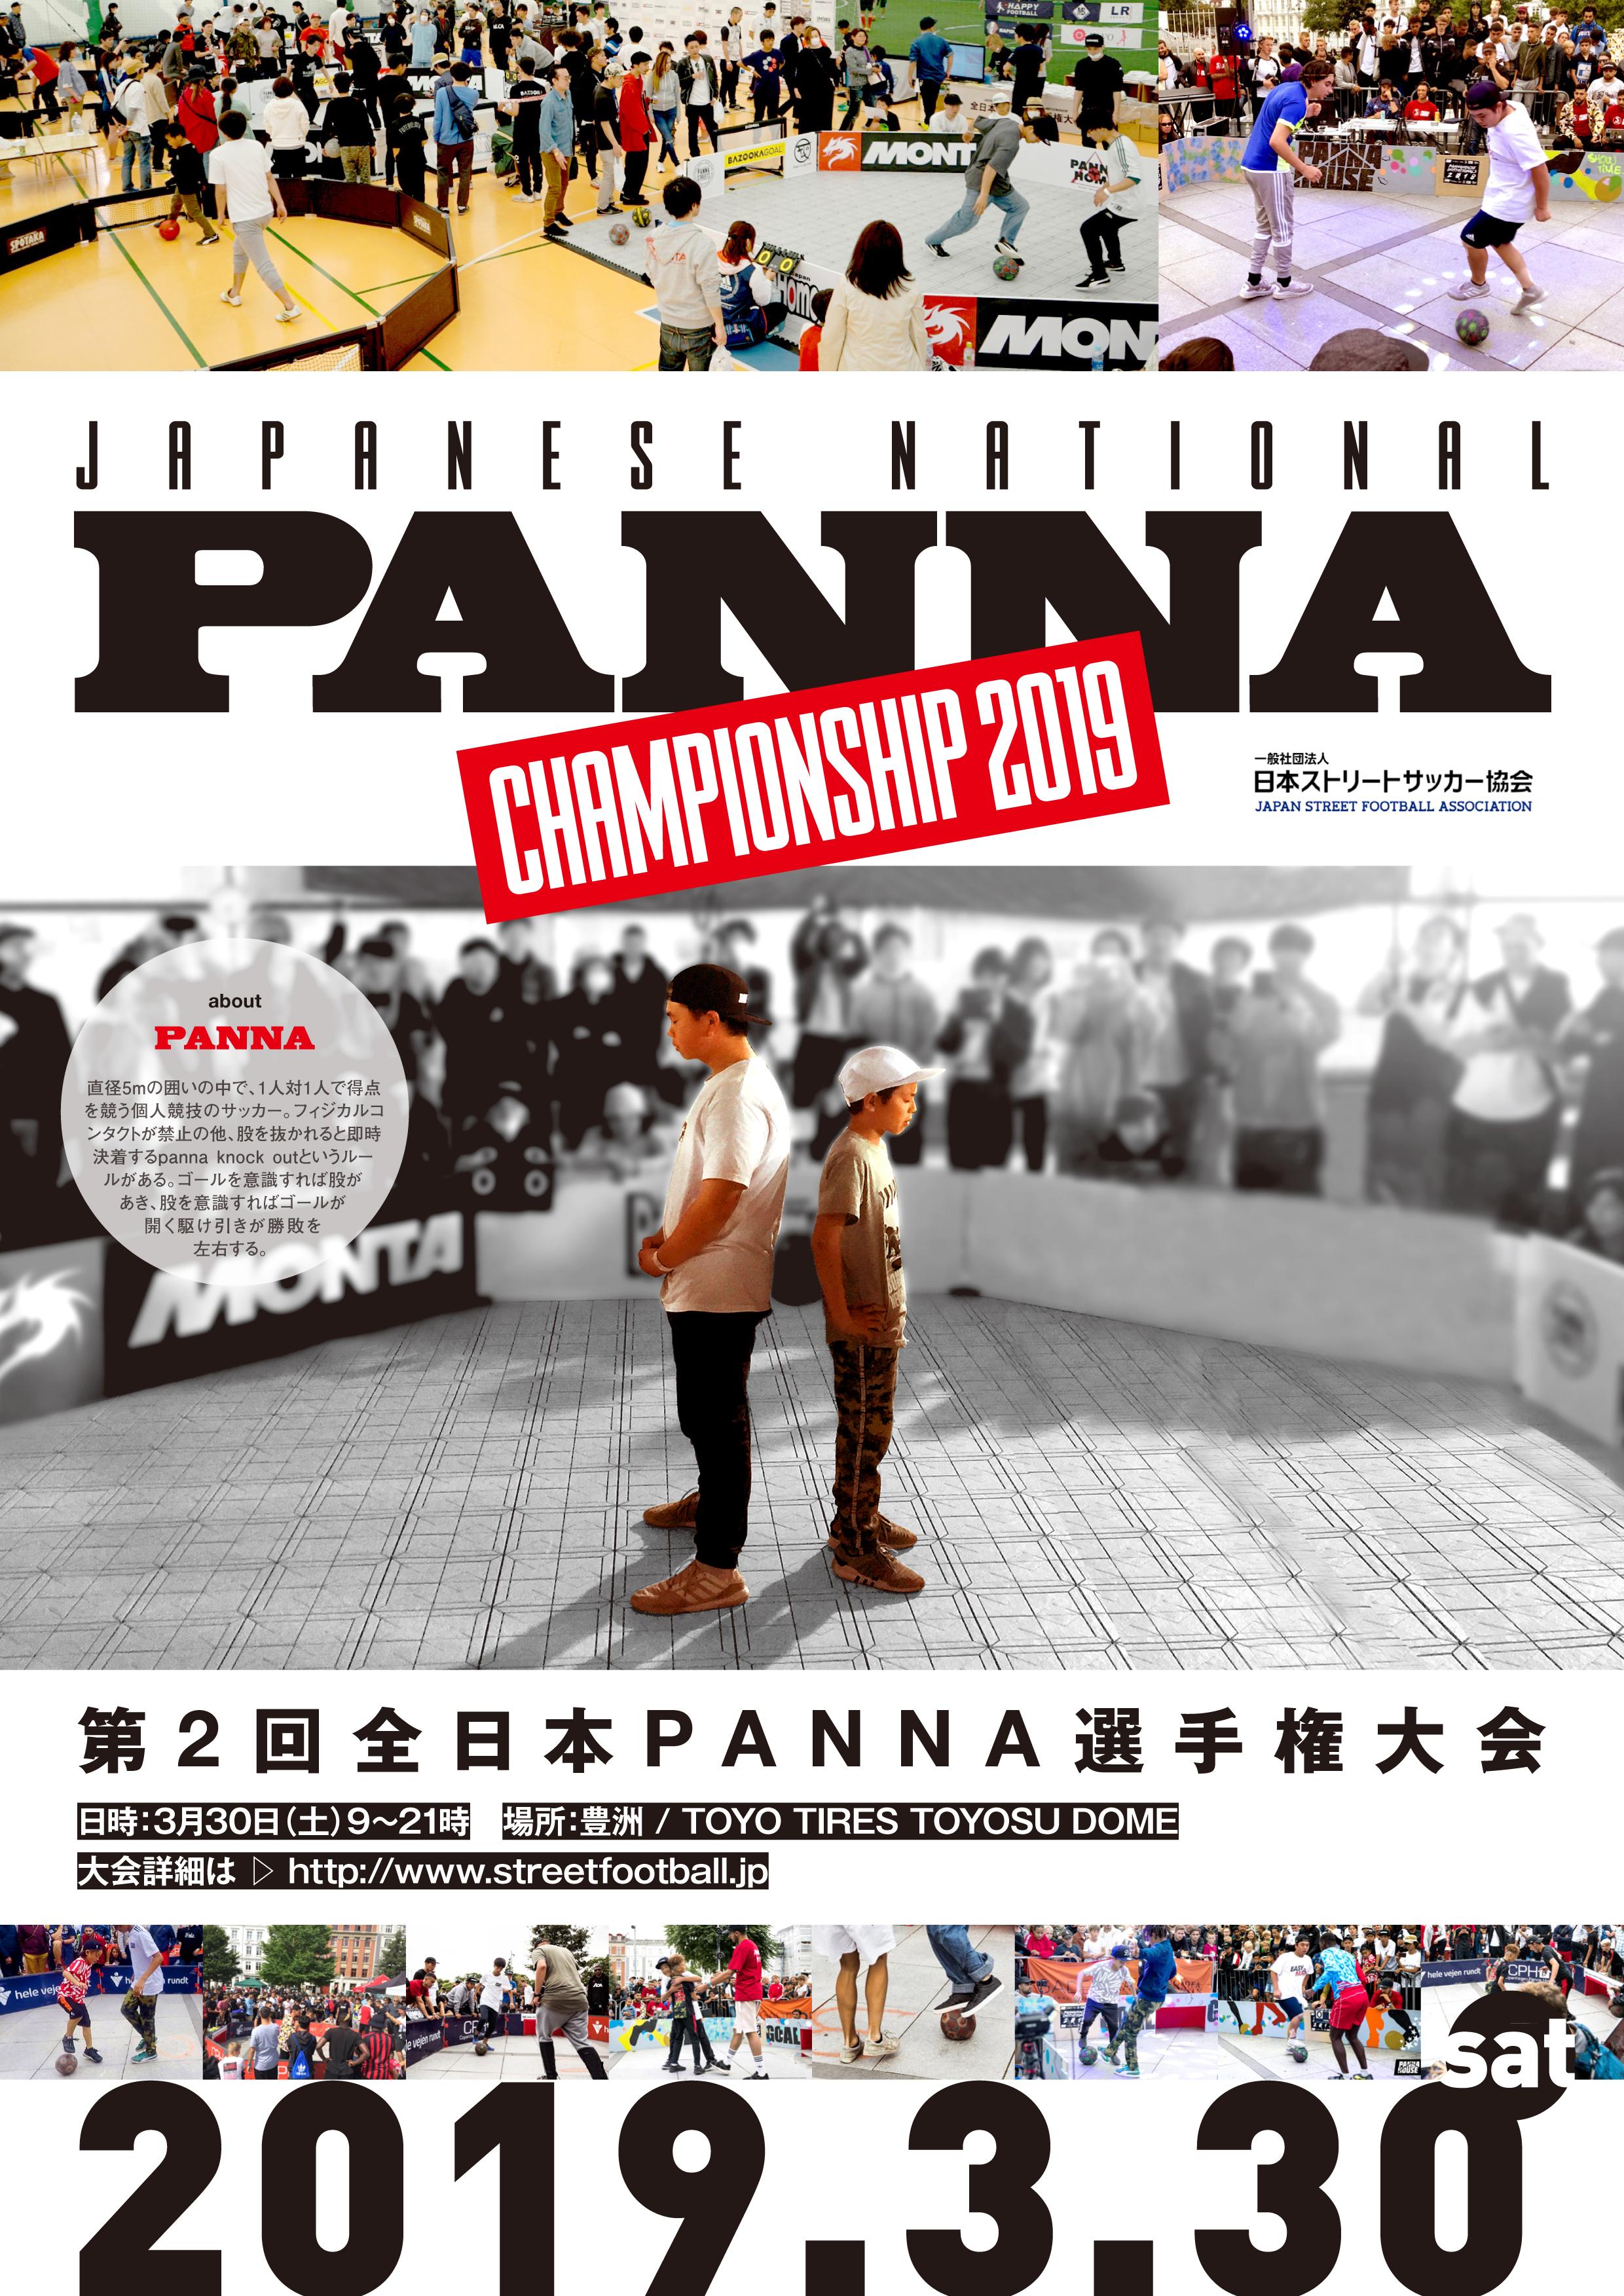 画像引用:一般社団法人日本ストリートサッカー協会